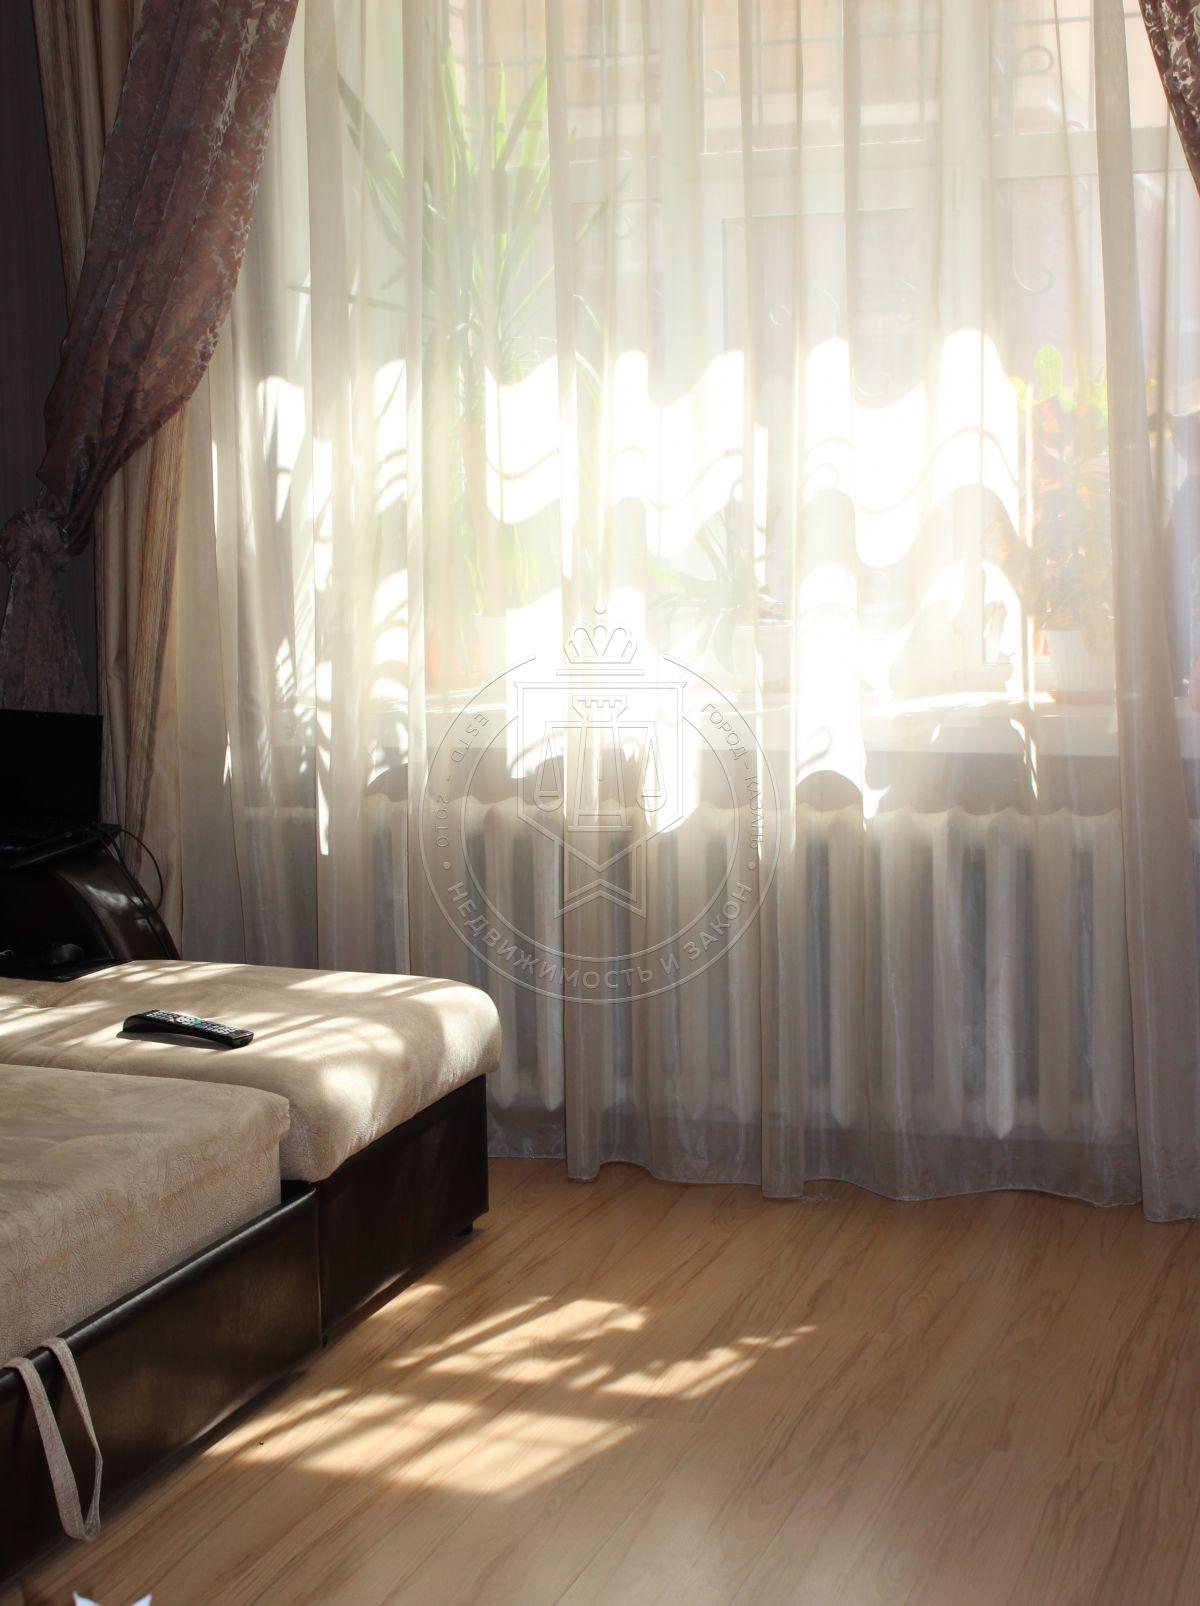 2-к квартира, 70 м², 1/22 эт., Баки Урманче ул, 6 (миниатюра №1)